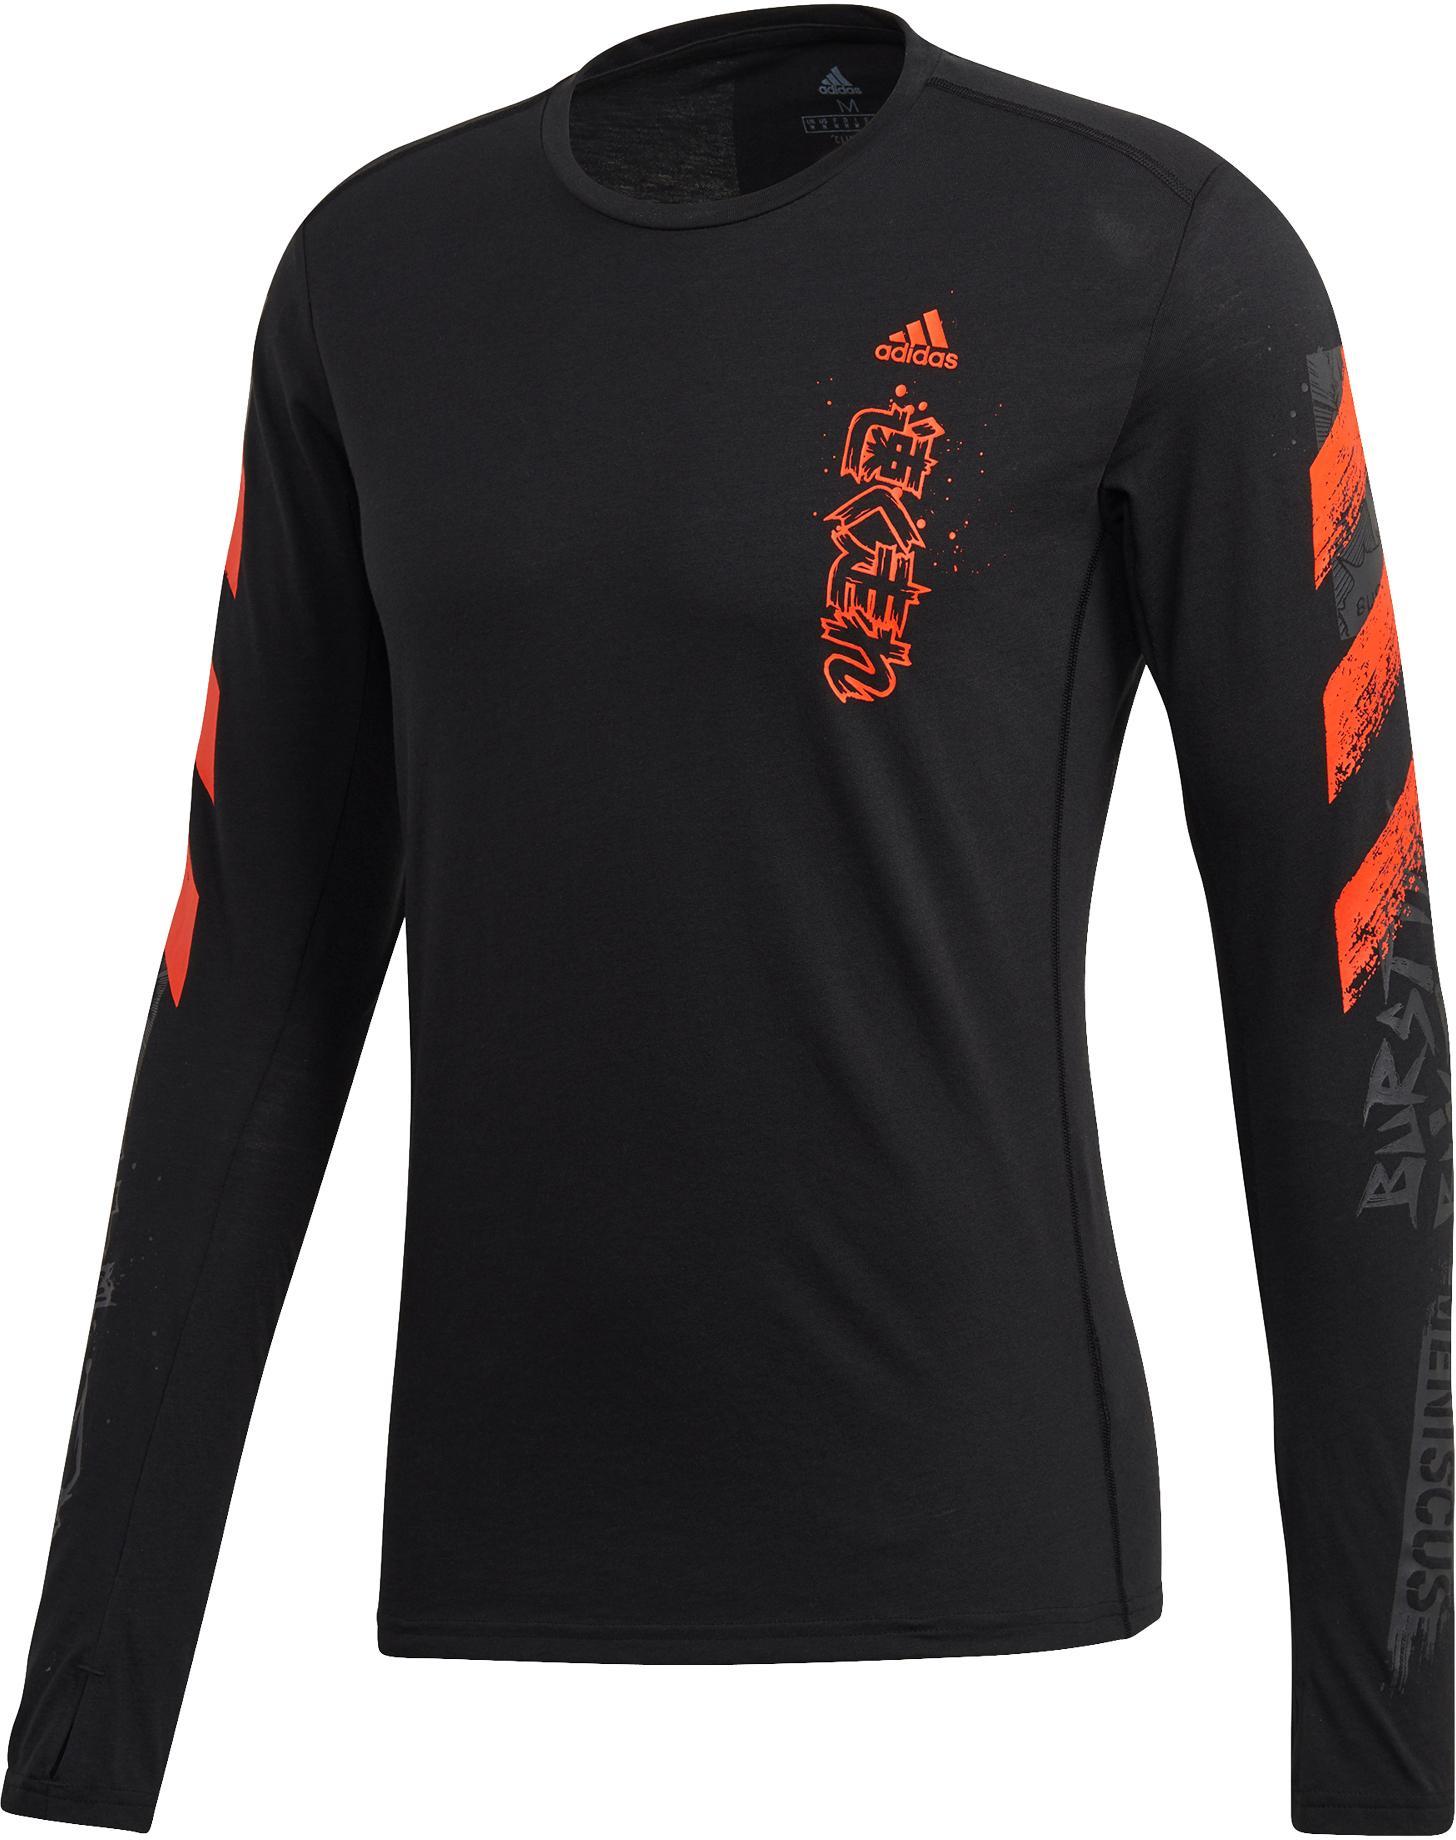 Adidas Langarmshirt Herren black im Online Shop von